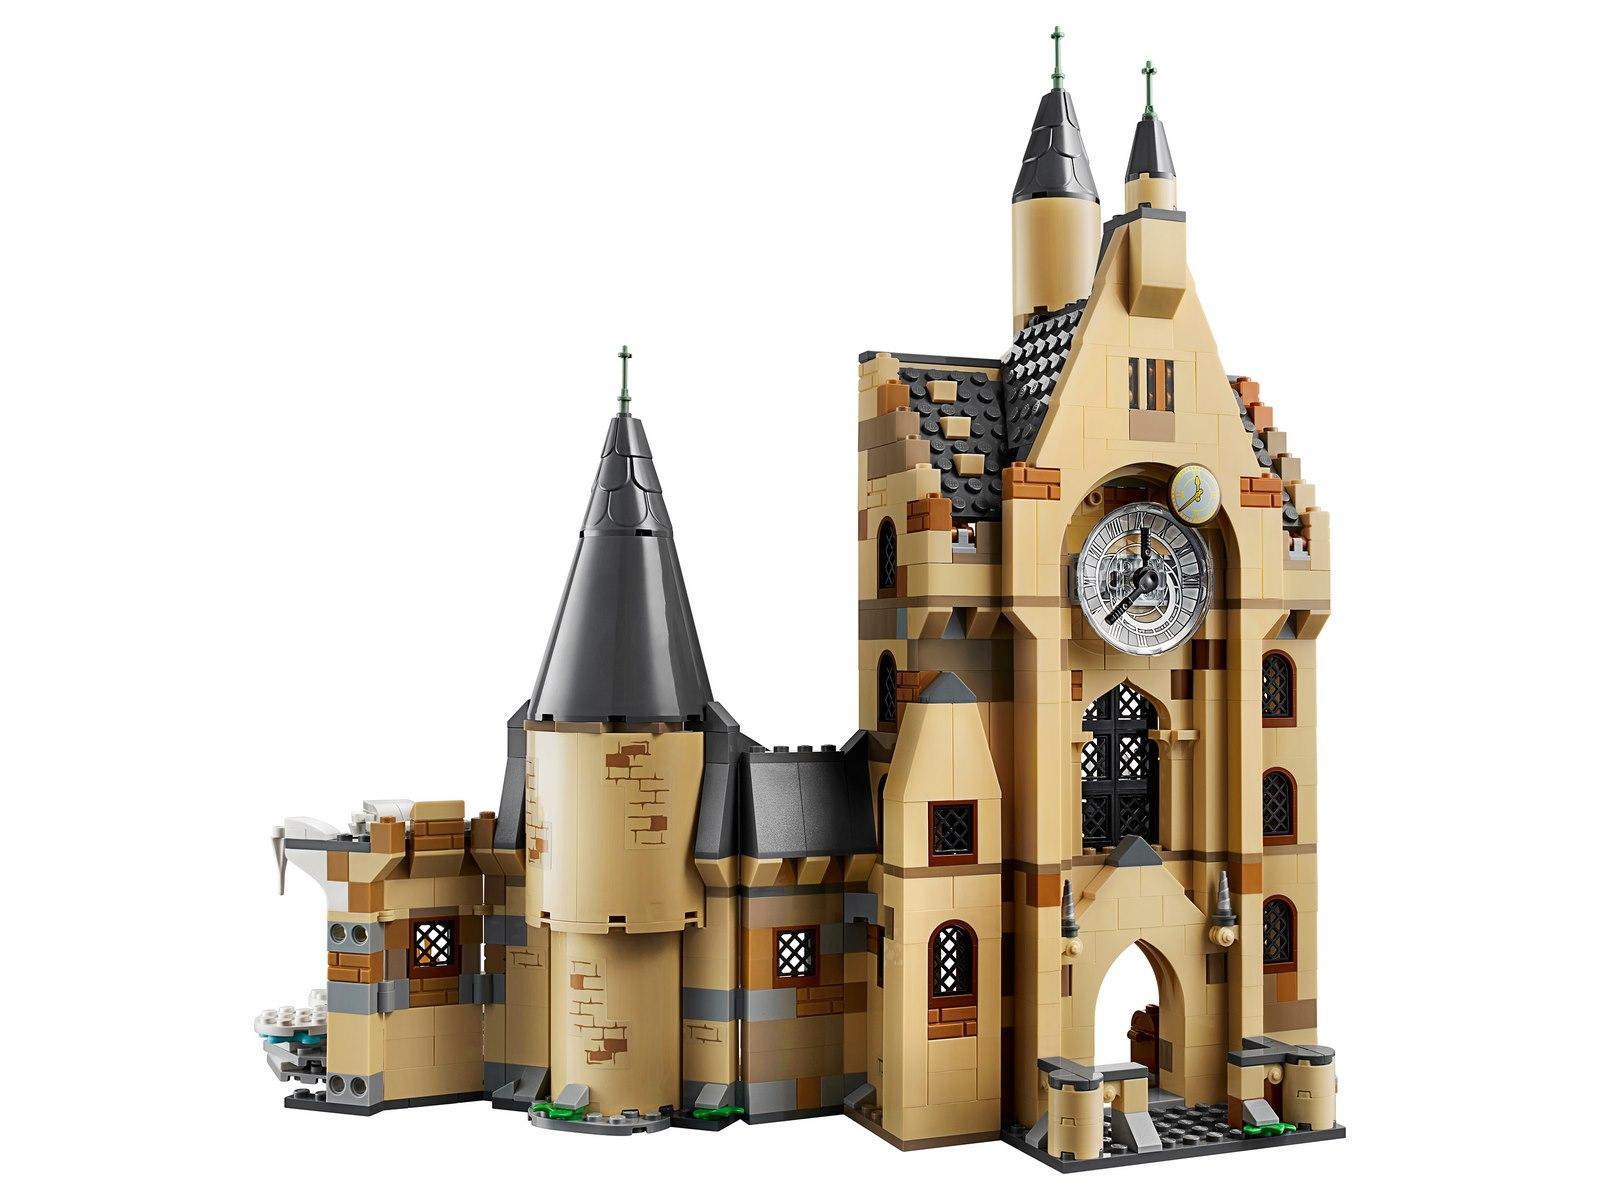 Конструктор Lari «Часовая башня Хогвартса» 11344 (Harry Potter 75948) / 958 деталей